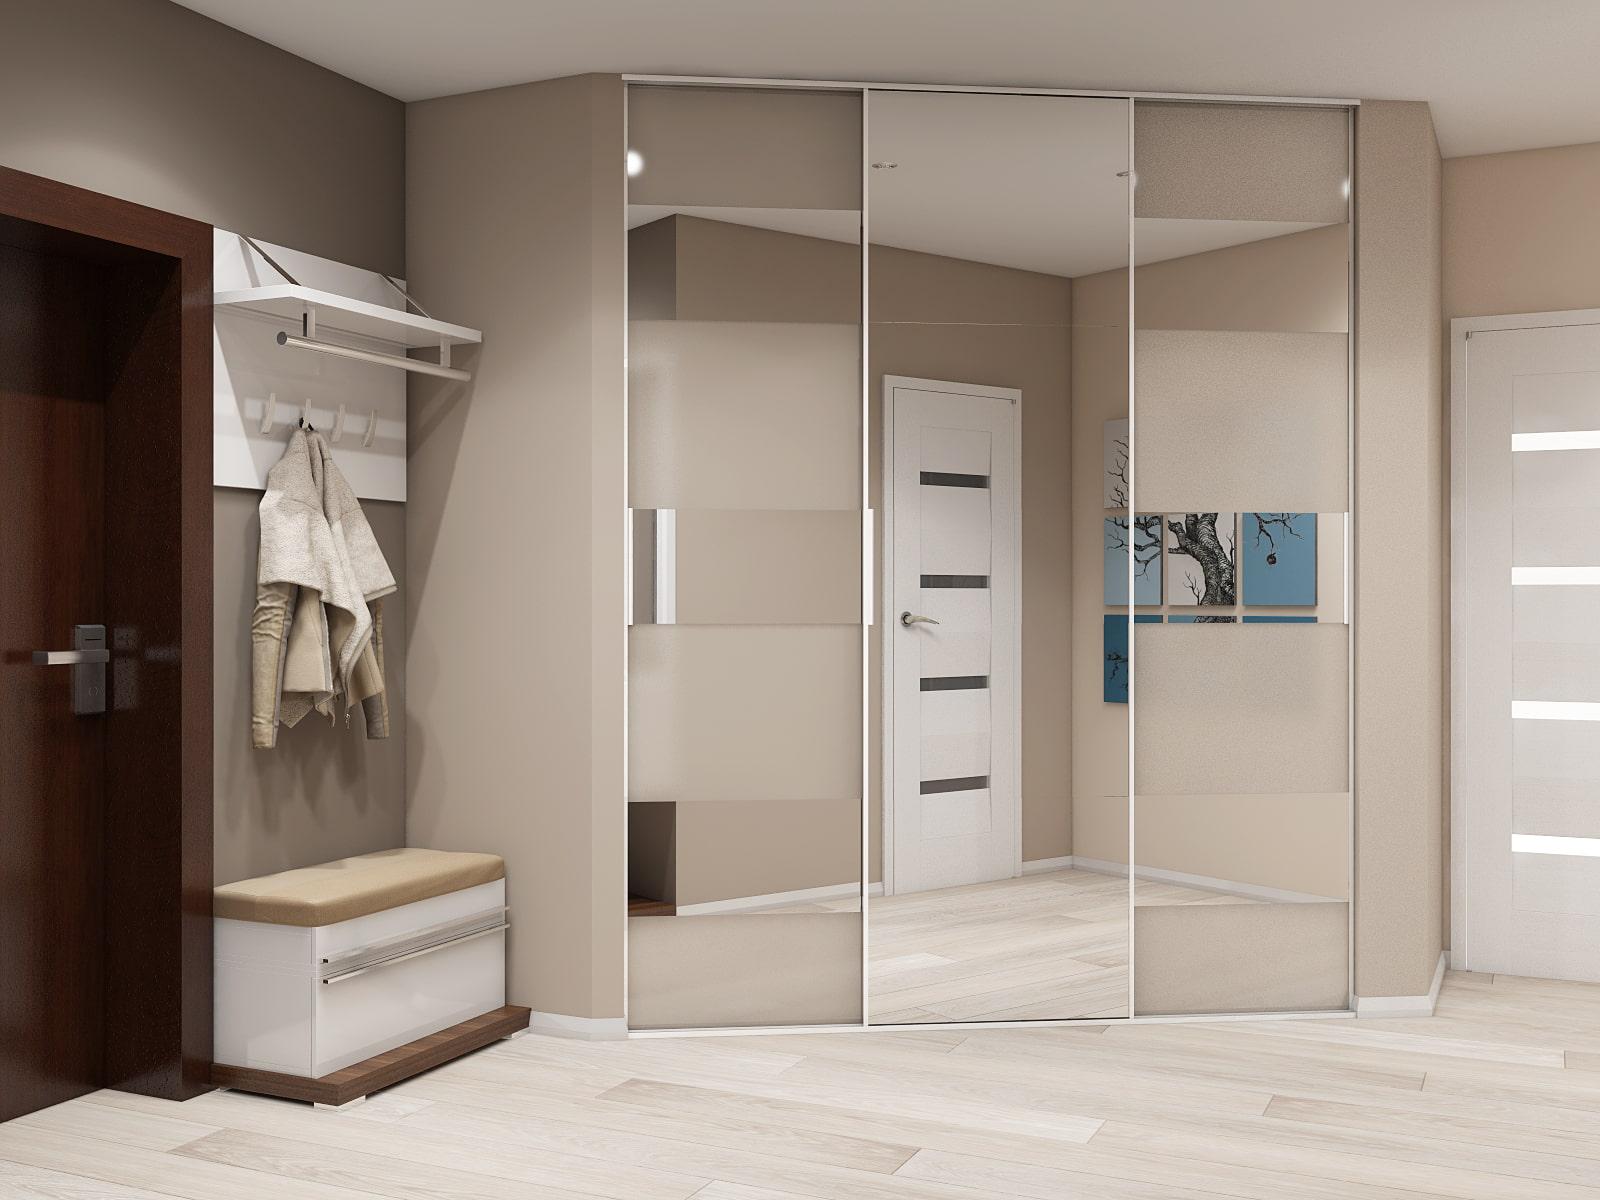 Шкафы купе фото современные в коридор сравнению